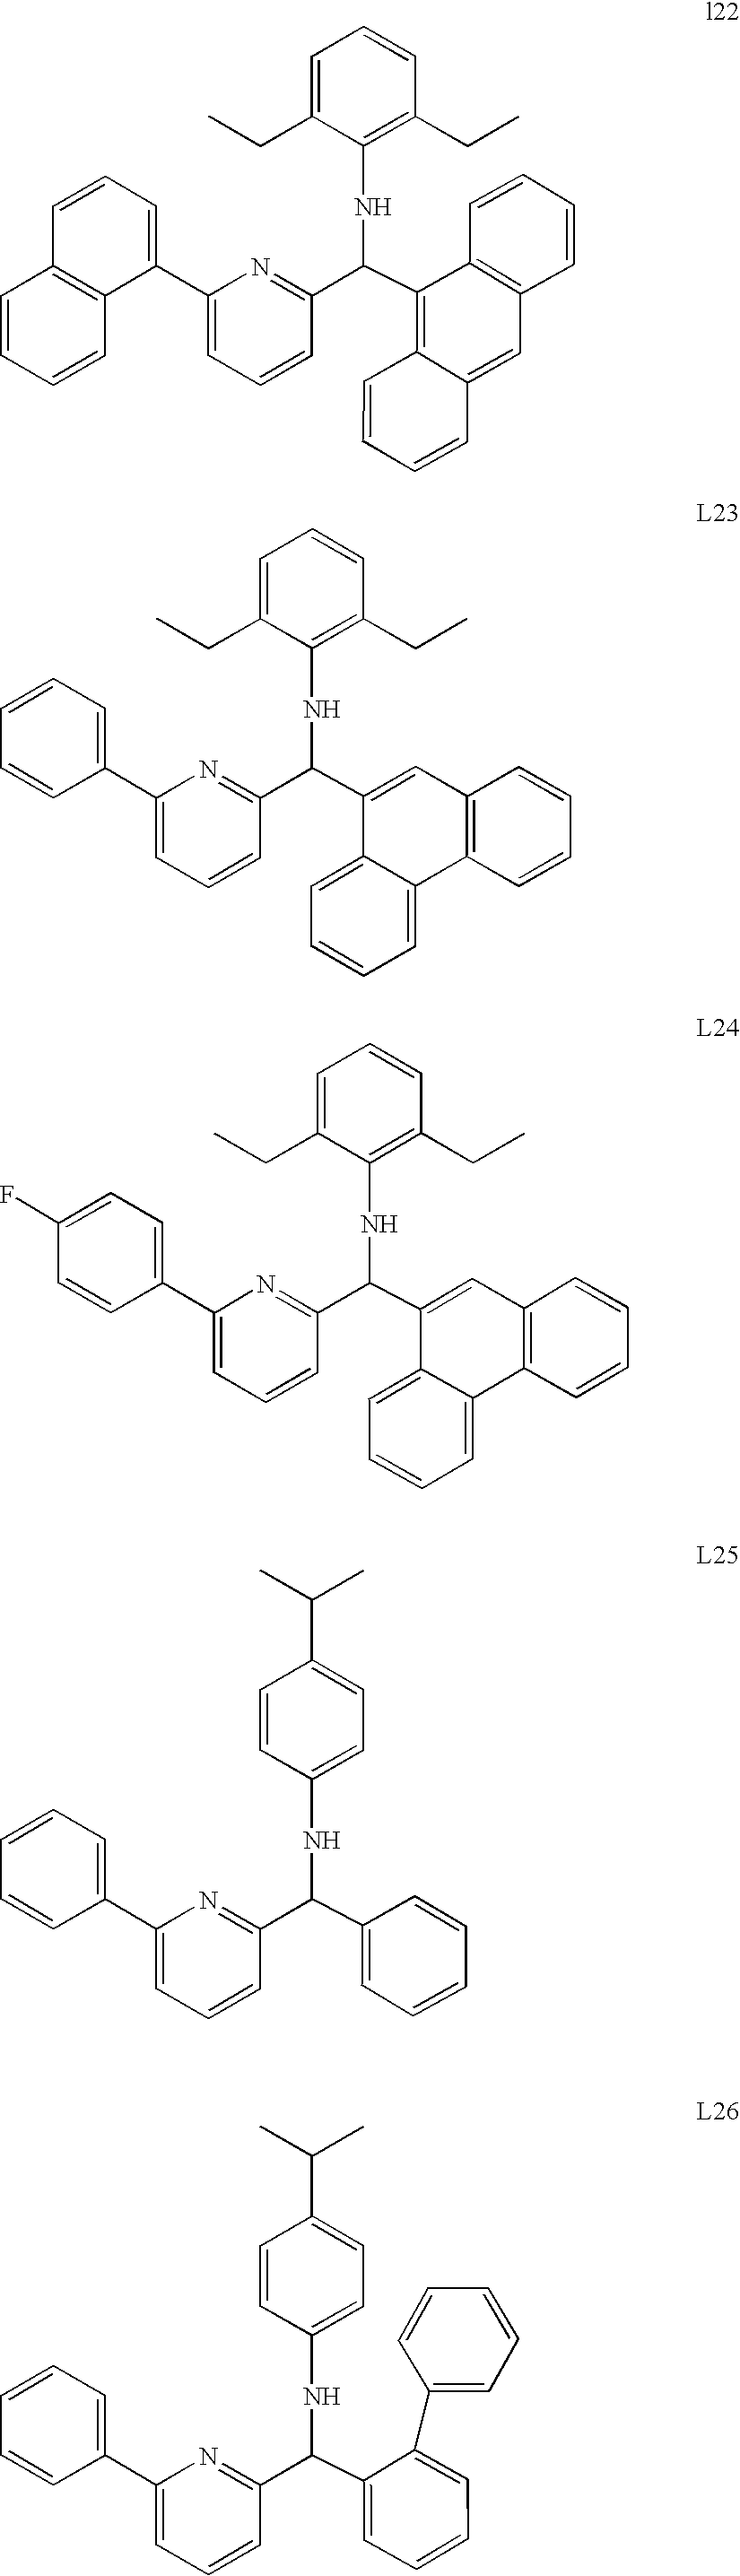 Figure US06900321-20050531-C00076